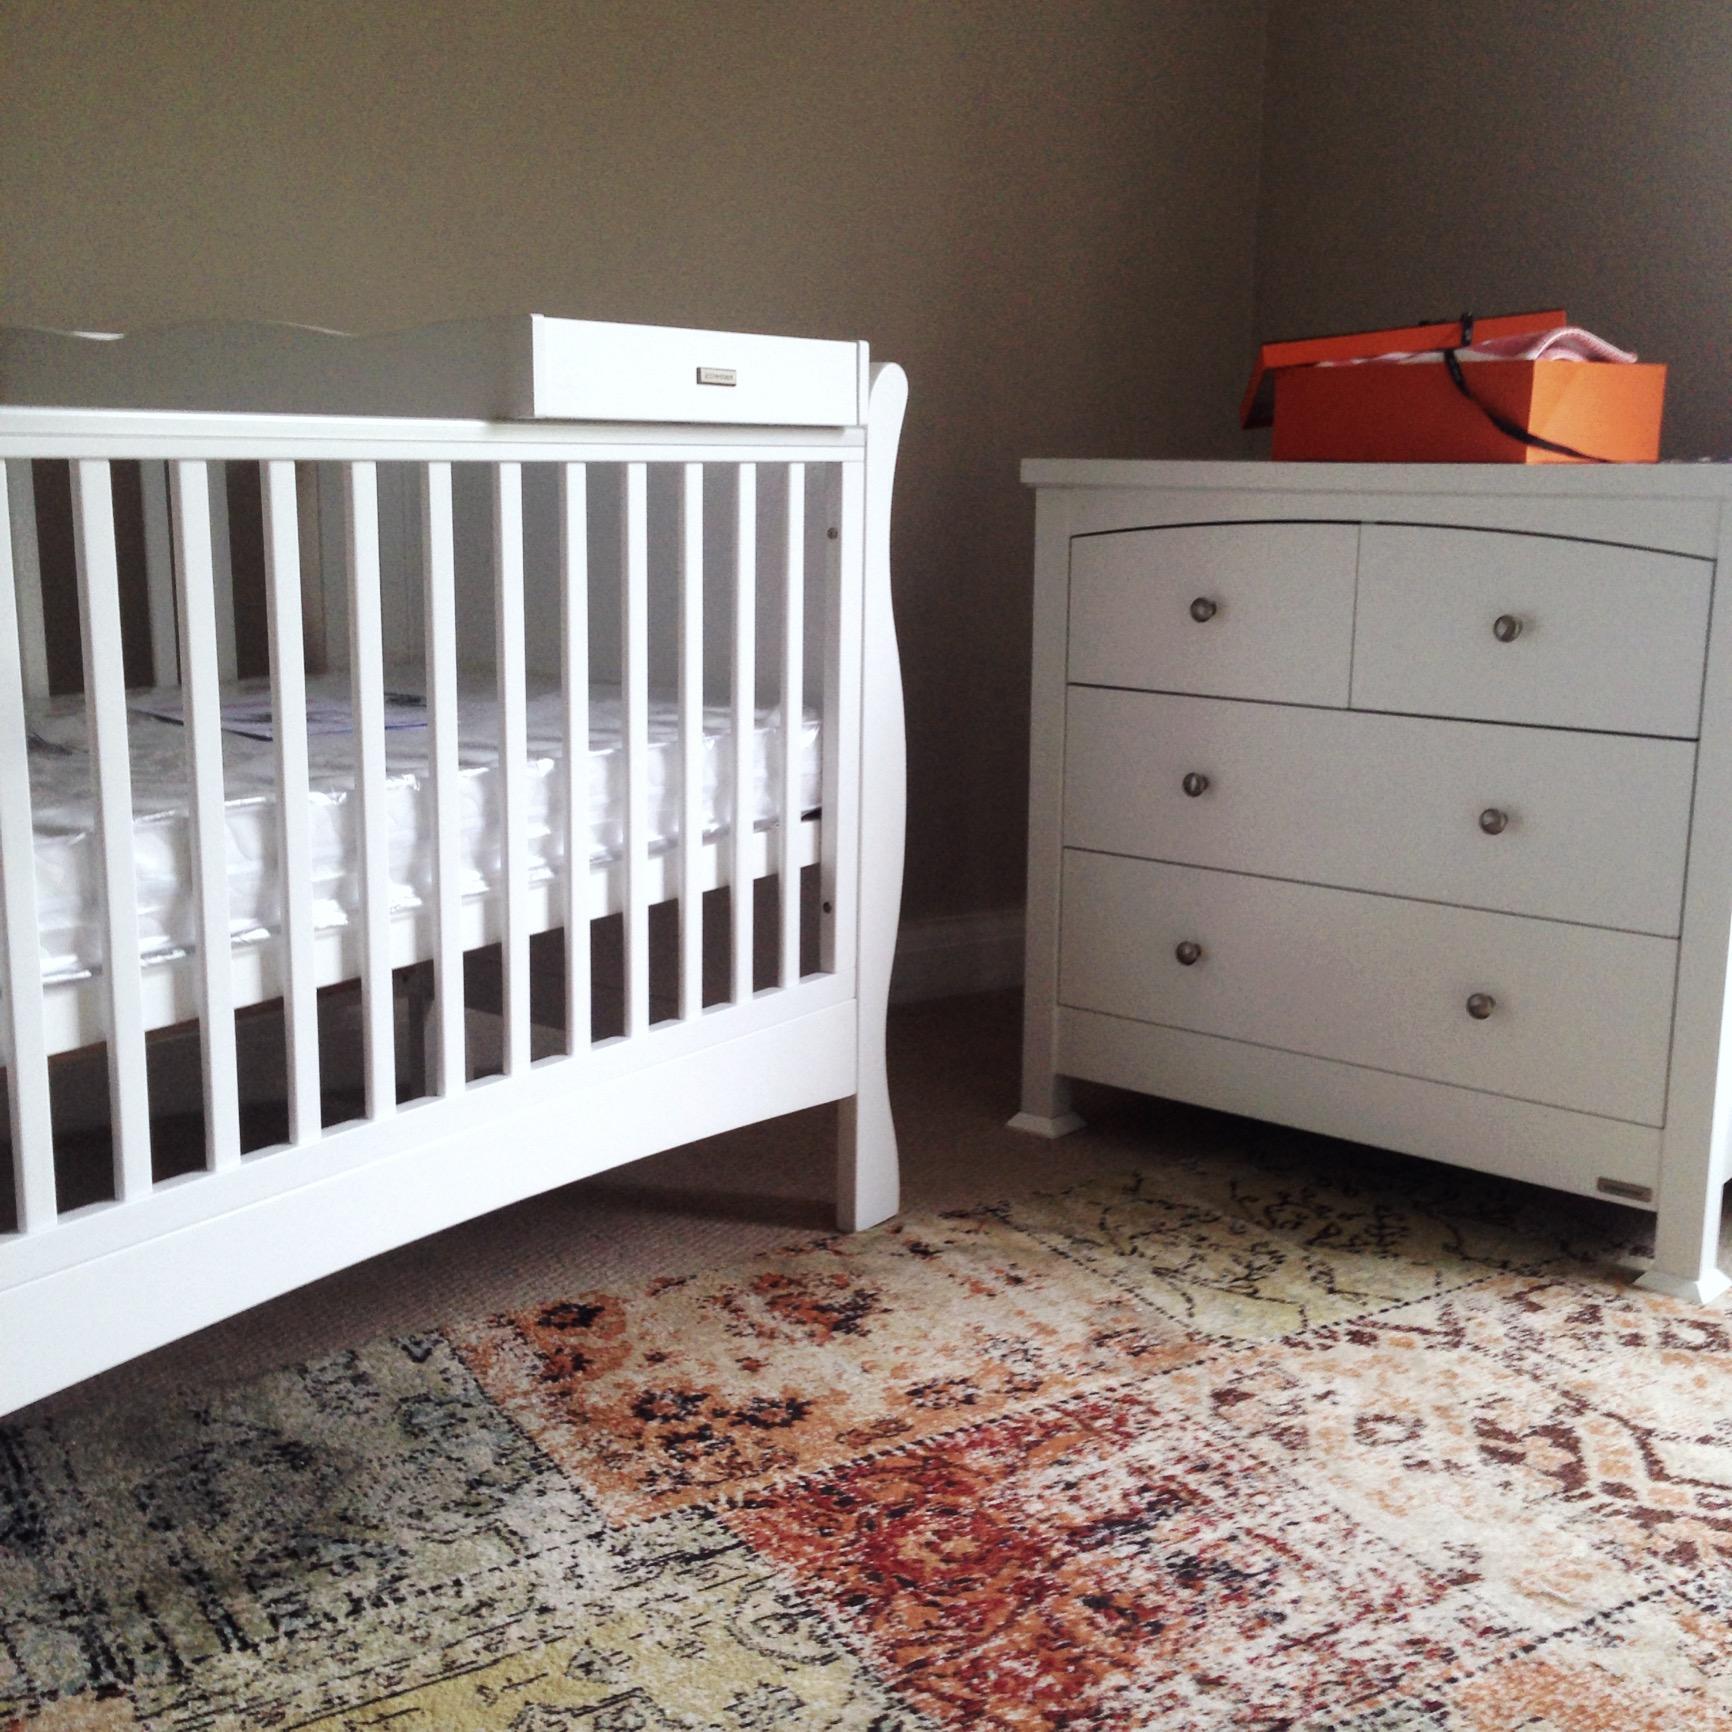 Loving our Nursery Furniture from @Izziwotnot !! Not long now til our little one arrives! :D http://t.co/AfNUYZNpf3 http://t.co/uM3FSmrtF7